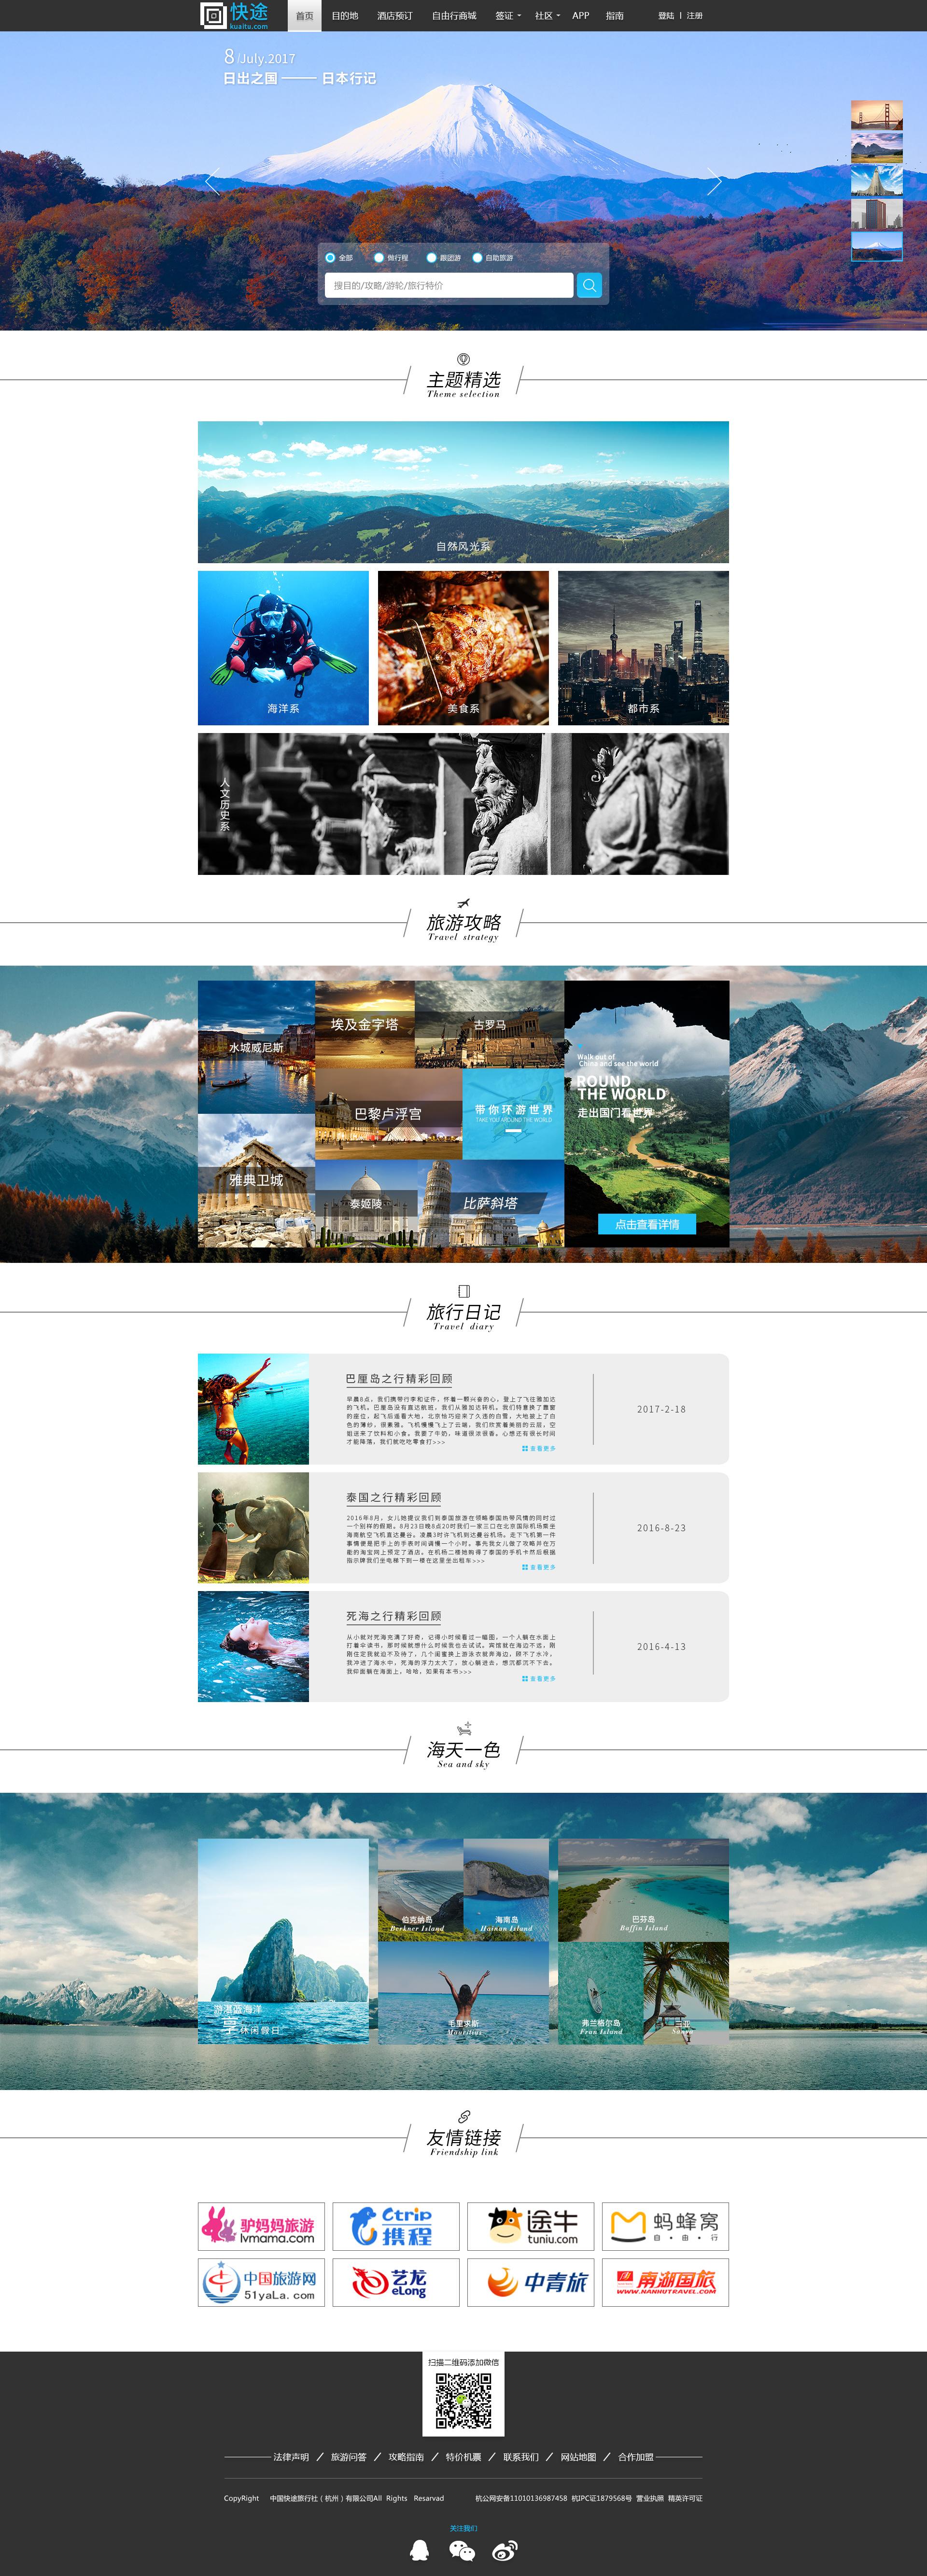 简约大气的官方旅游网站首页设计